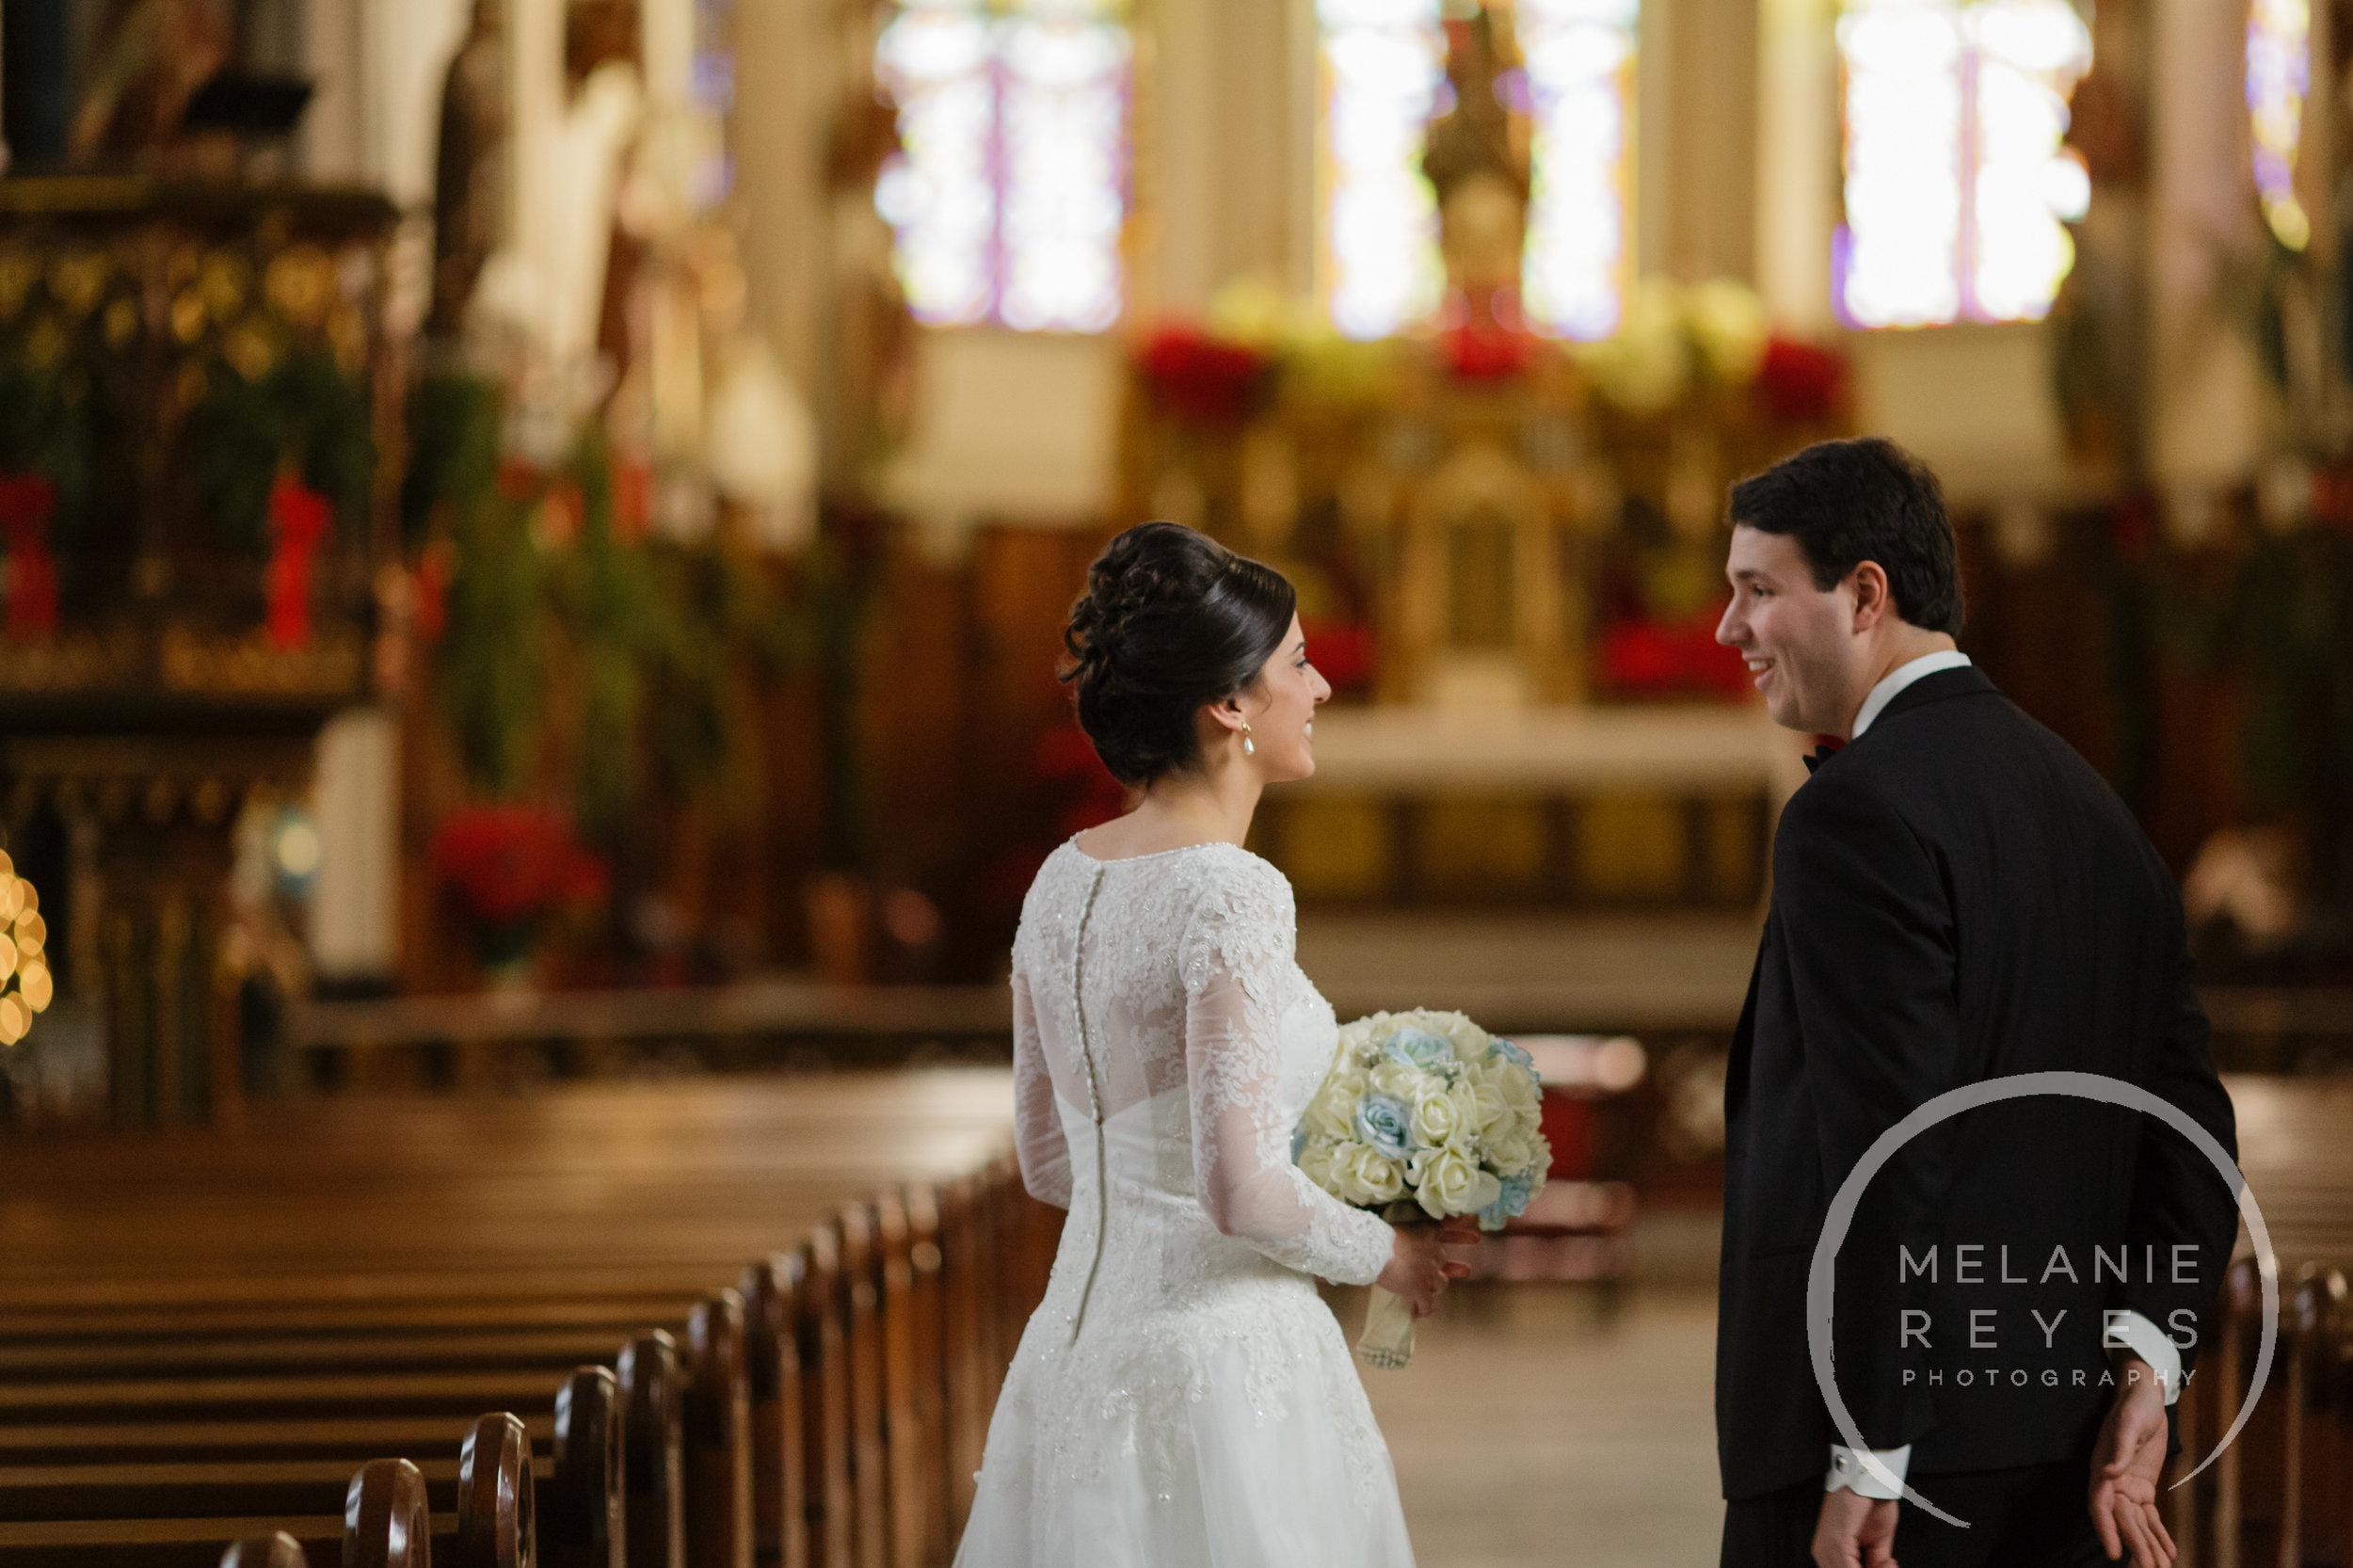 detroit_wedding-first_look_melanie-reyes-1-2.jpg